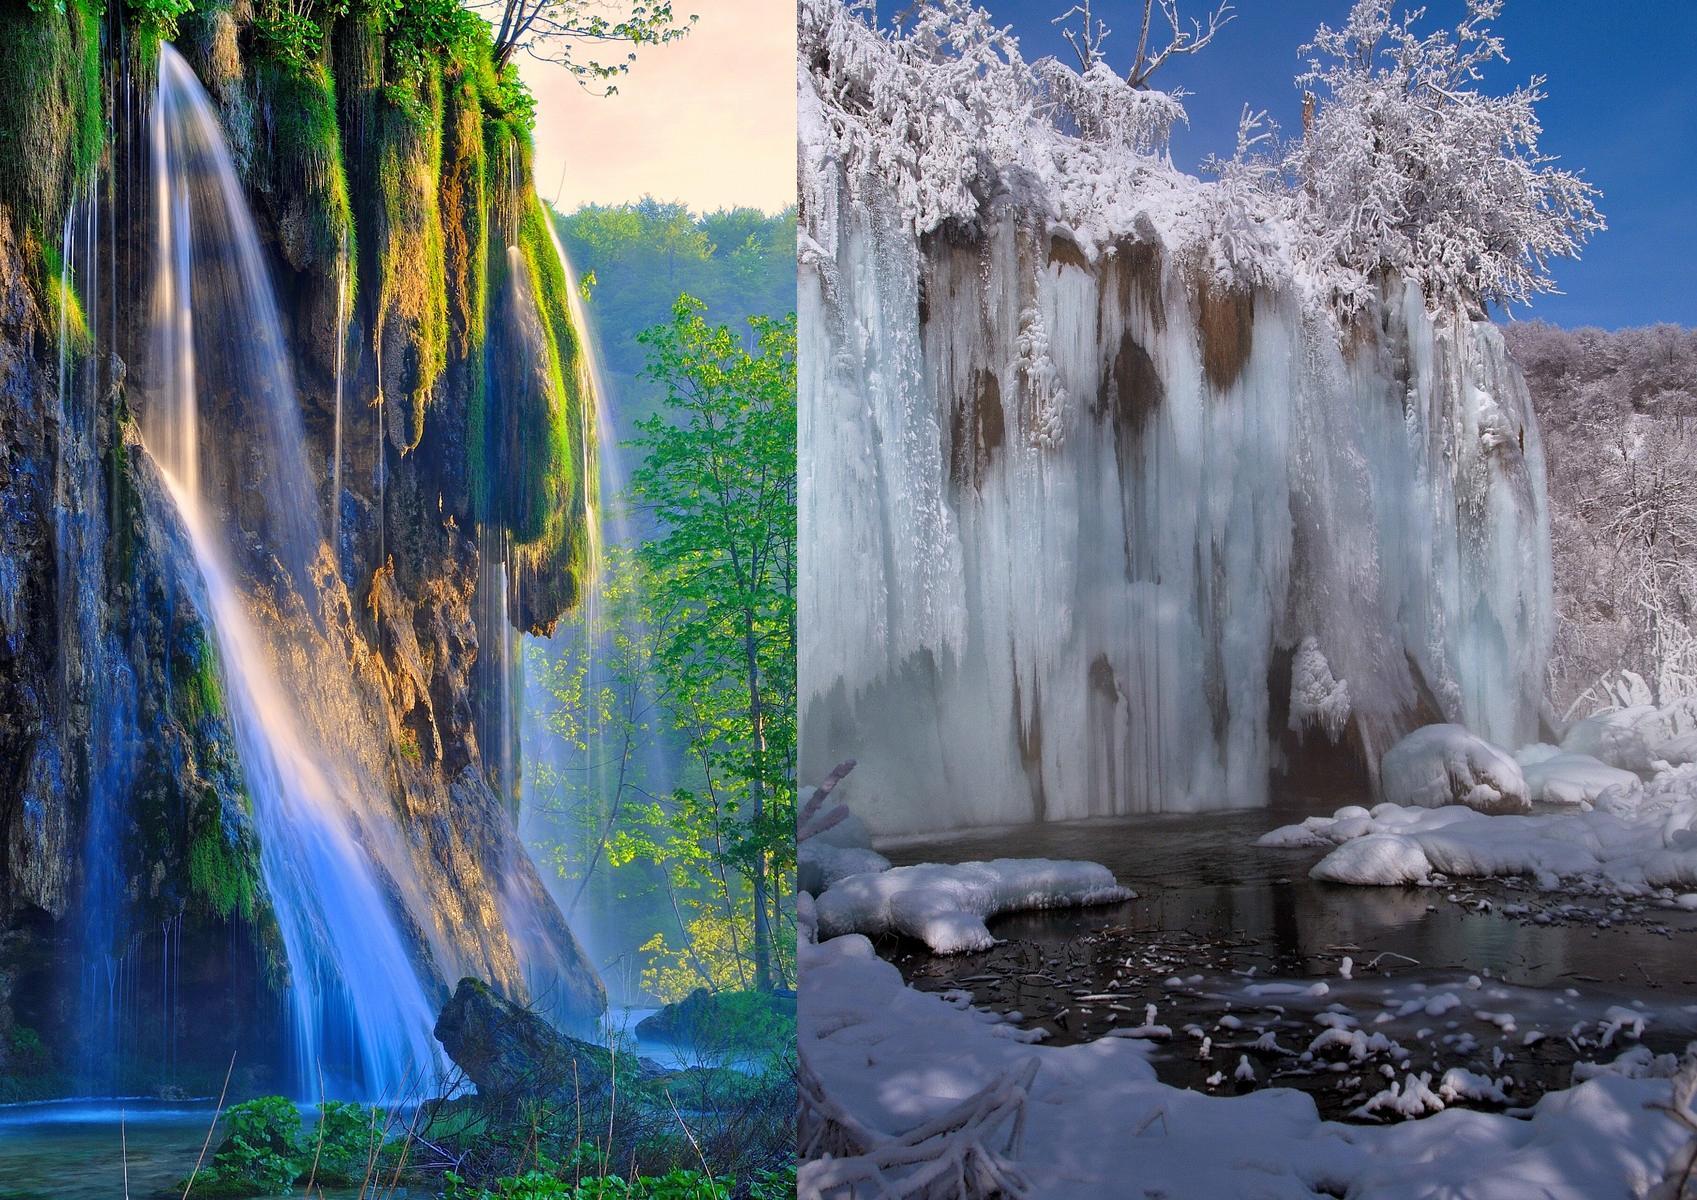 Vízesés nyáron és télen (Forrás: www.np-plitvicka-jezera.hr)